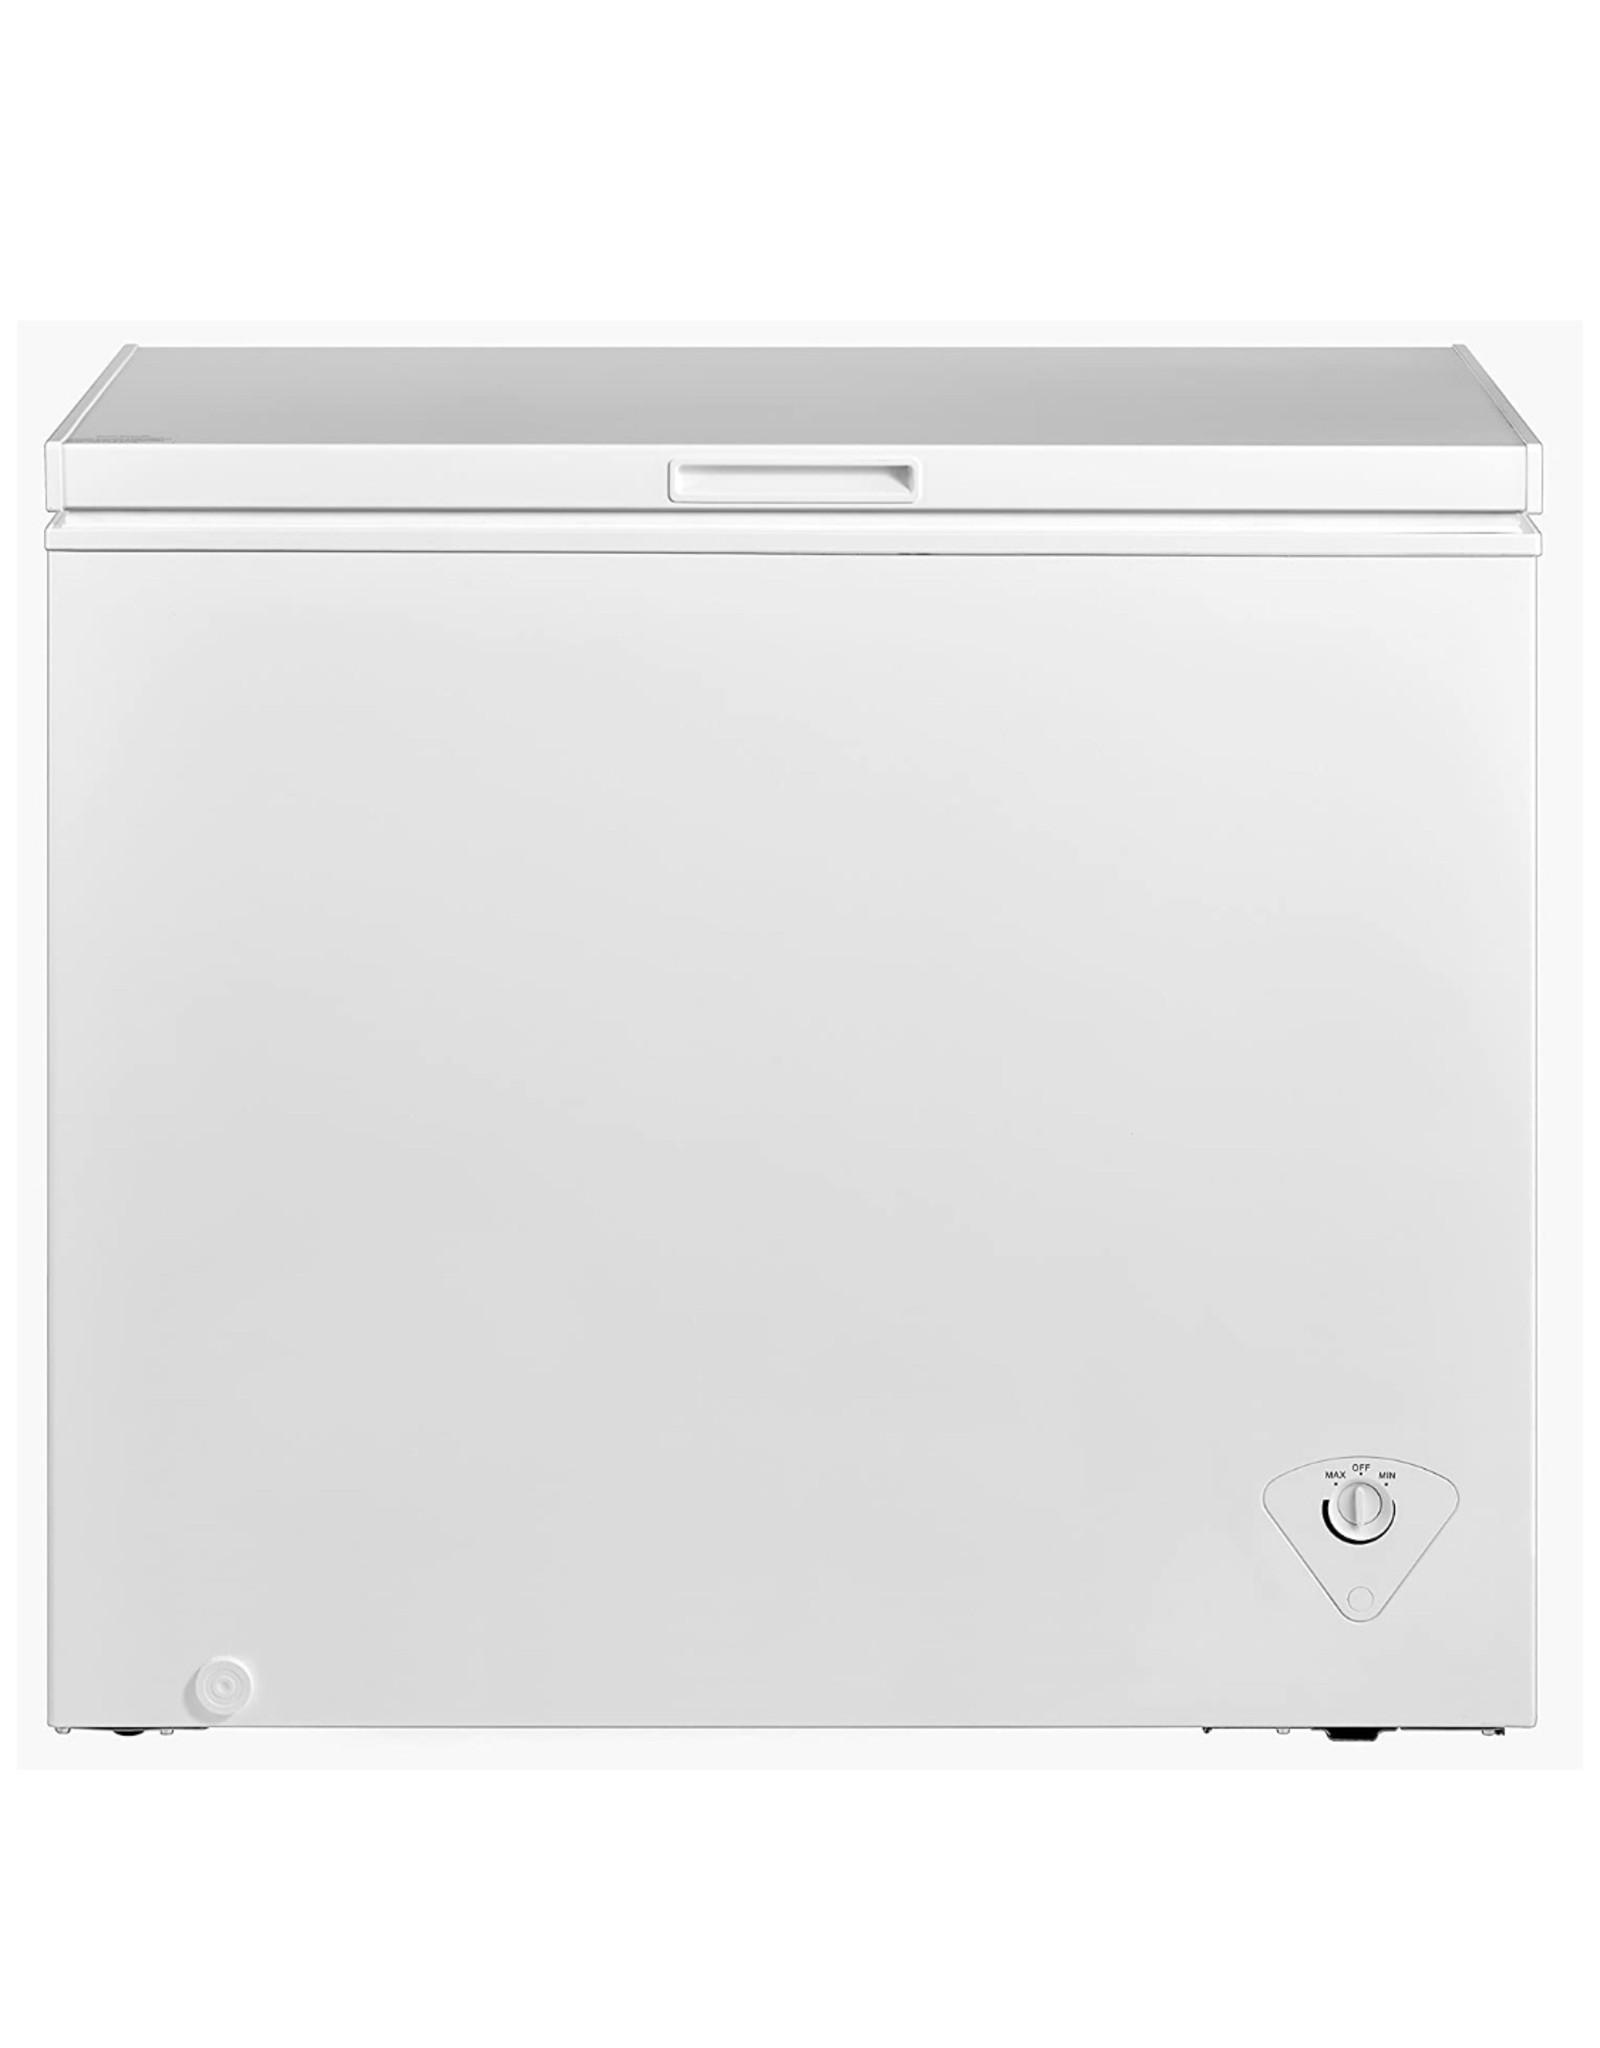 Midea Midea MRC070S0AWW Chest Freezer, 7.0 Cubic Feet, White